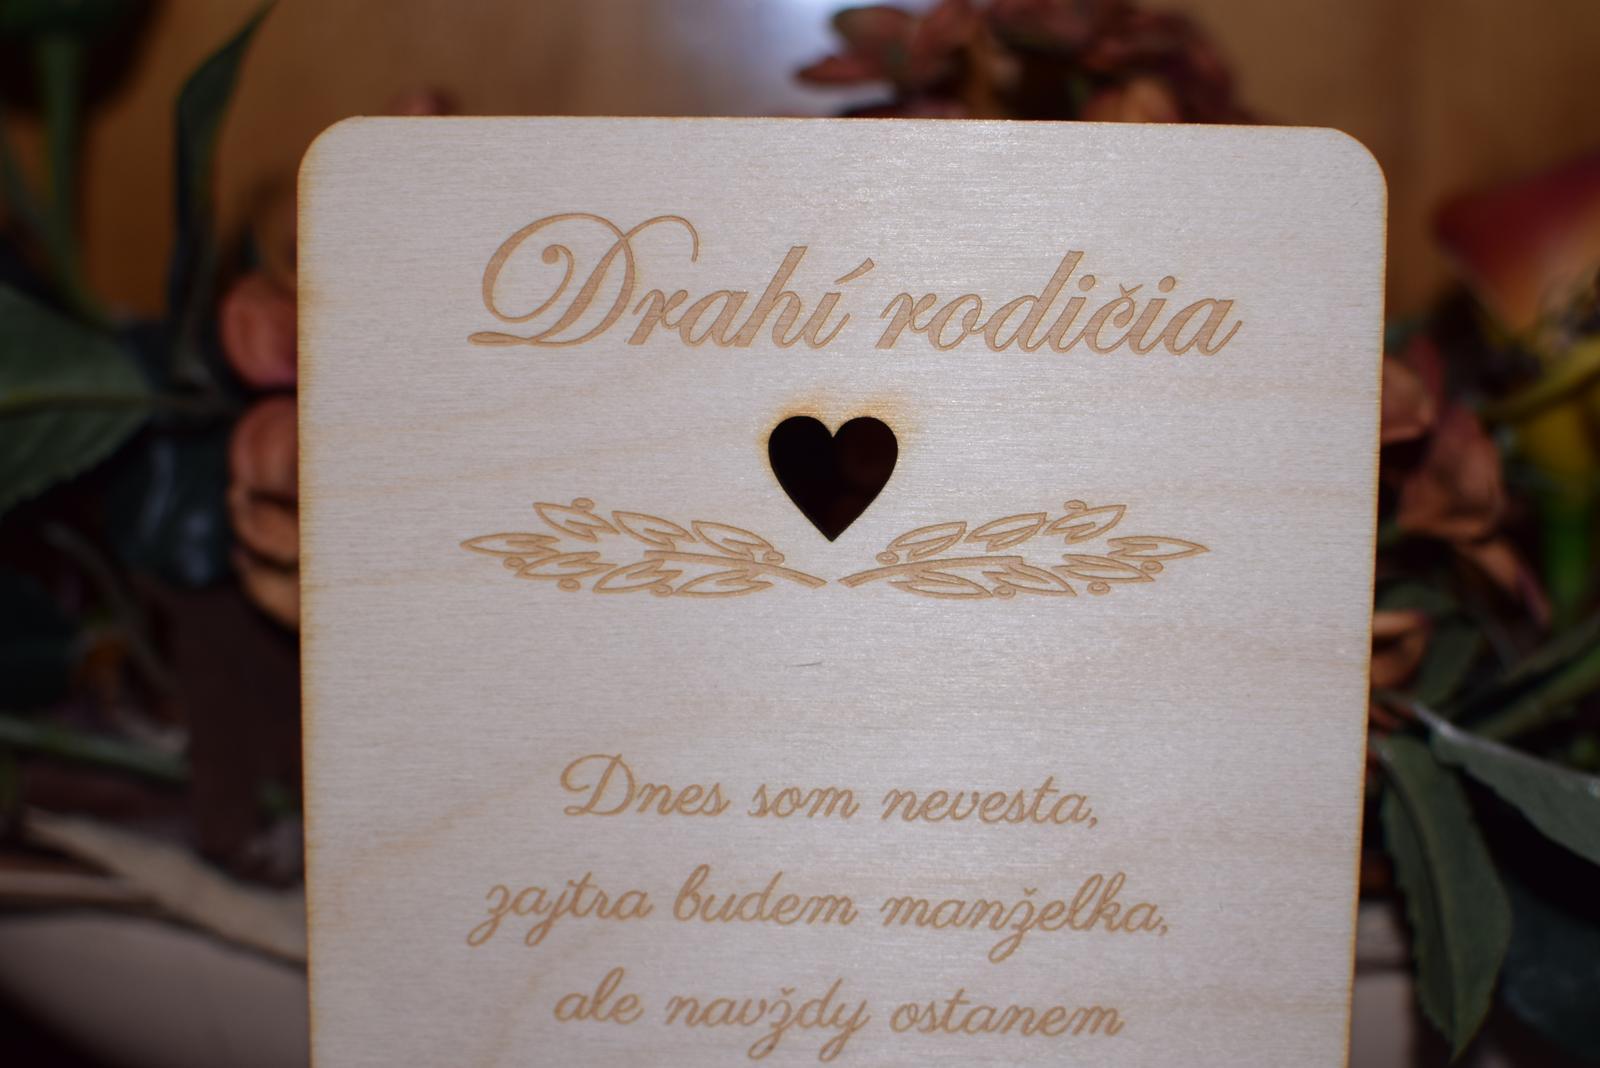 Poďakovanie rodičom drevená tabuľka 1 - Obrázok č. 2